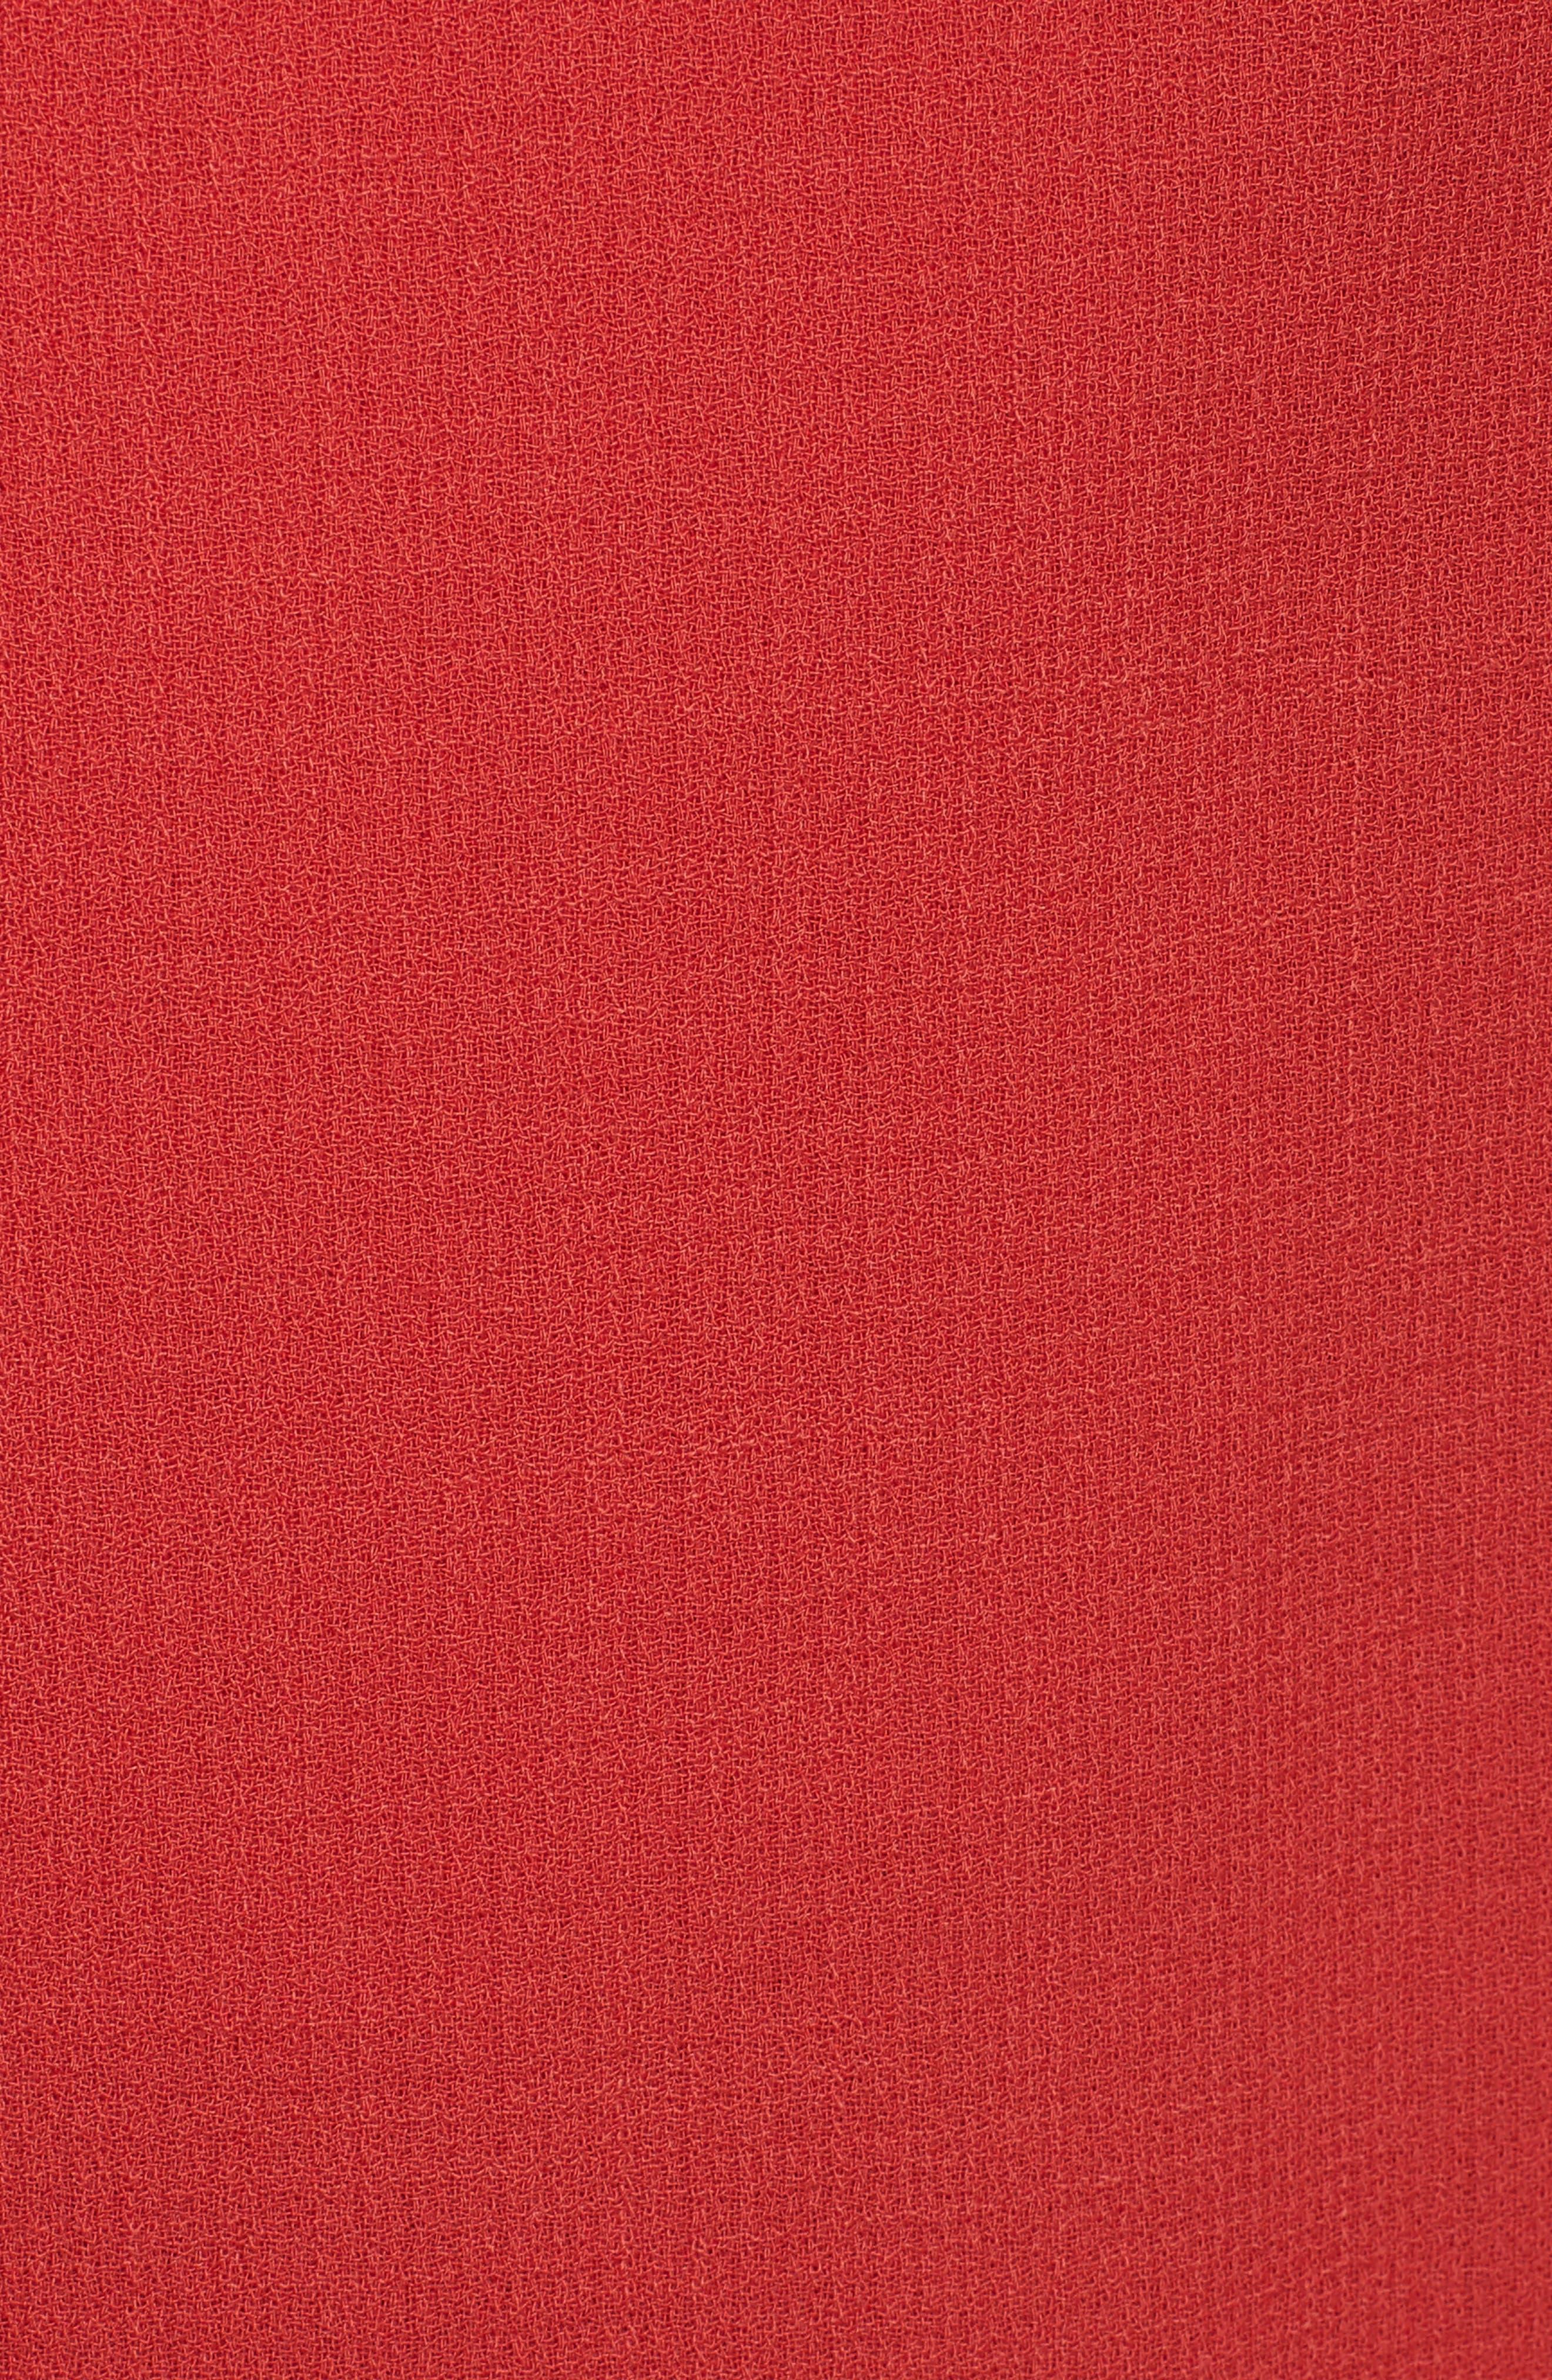 Alternate Image 5  - Lafayette 148 New York Carmelle Nouveau Crepe Jacket (Plus Size)